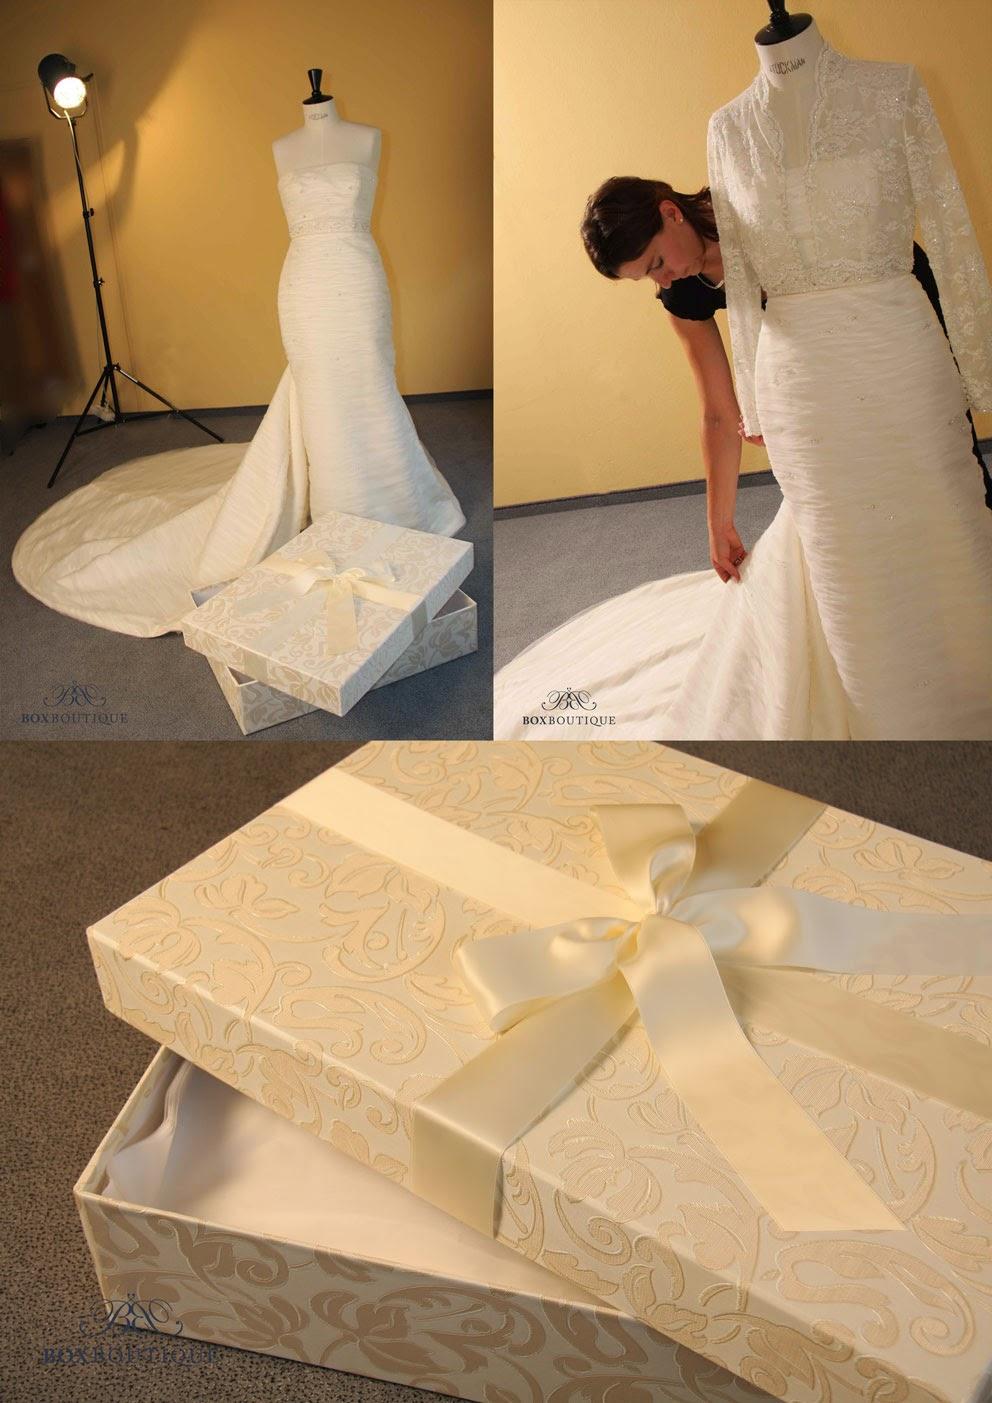 Die Brautkleidbox in Größe S ist geeignet für schmale Brautkleider ohne Unterrock, evtl. mit einer Schleppe.